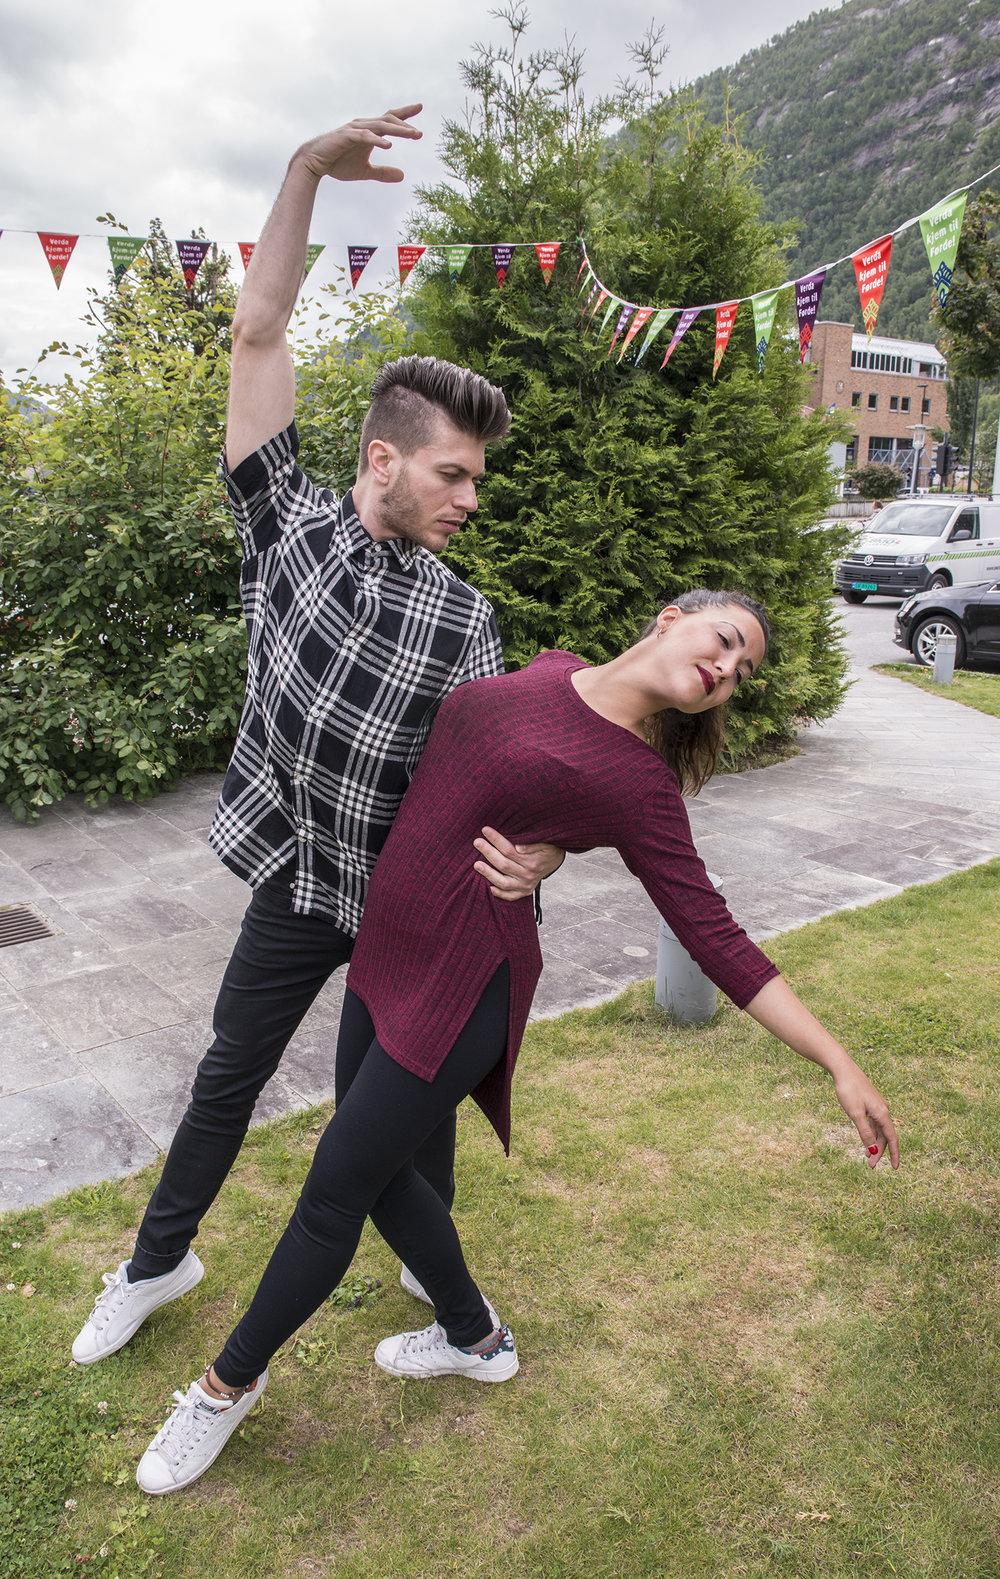 Mercedes Jaldón og Manuel Ramírez har ikkje noko imot å syne nokre dansepositurar. (Foto: Marianne Lystrup)